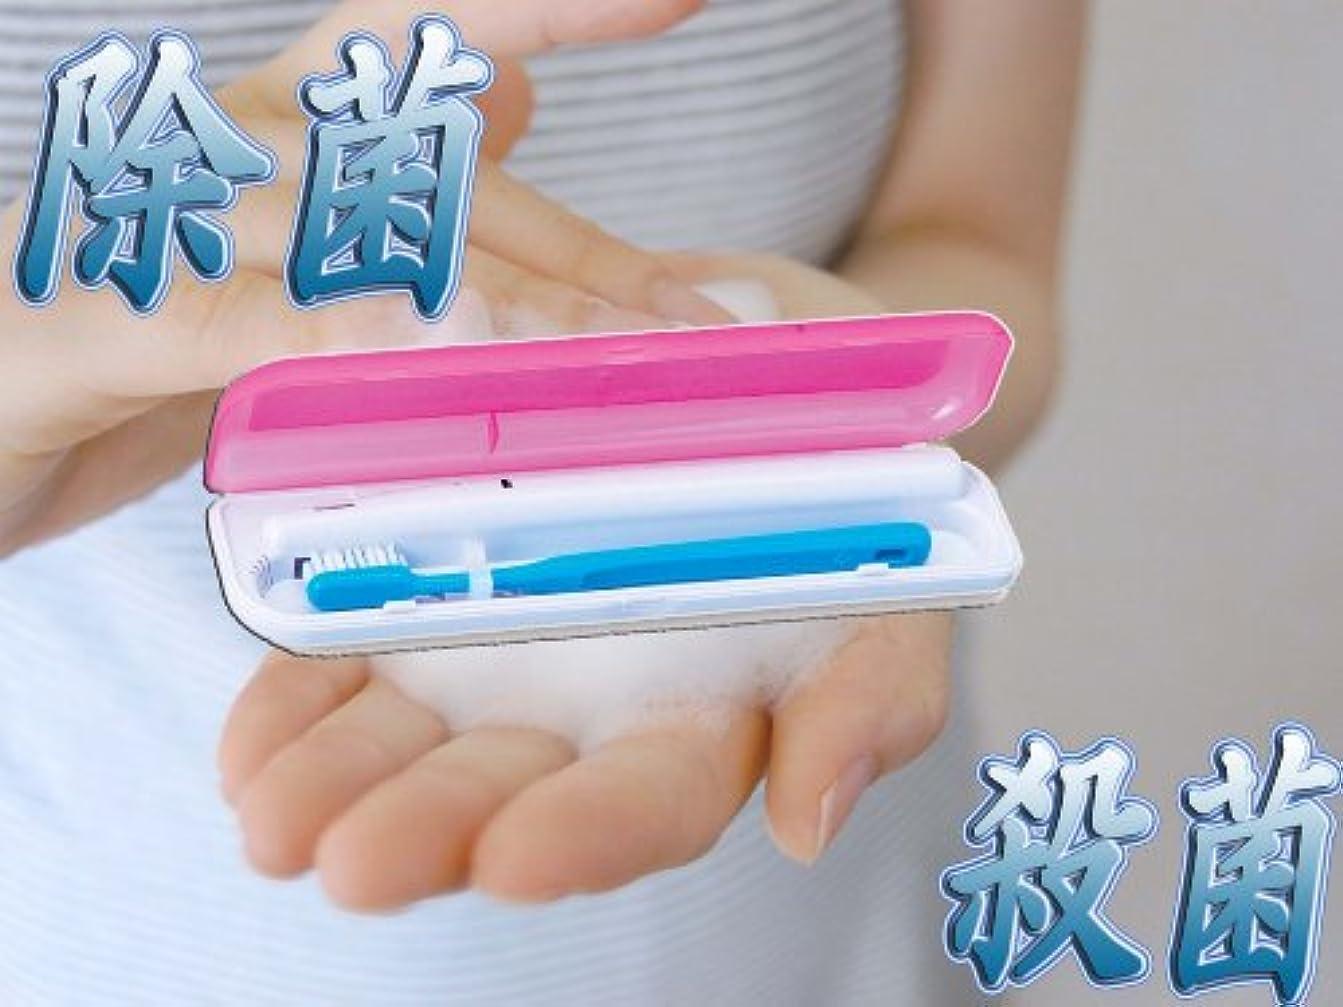 識字説得力のあるダブル歯ブラシの隅々まで殺菌&除菌!! 除菌歯ブラシ 携帯ケース 電池式 15408